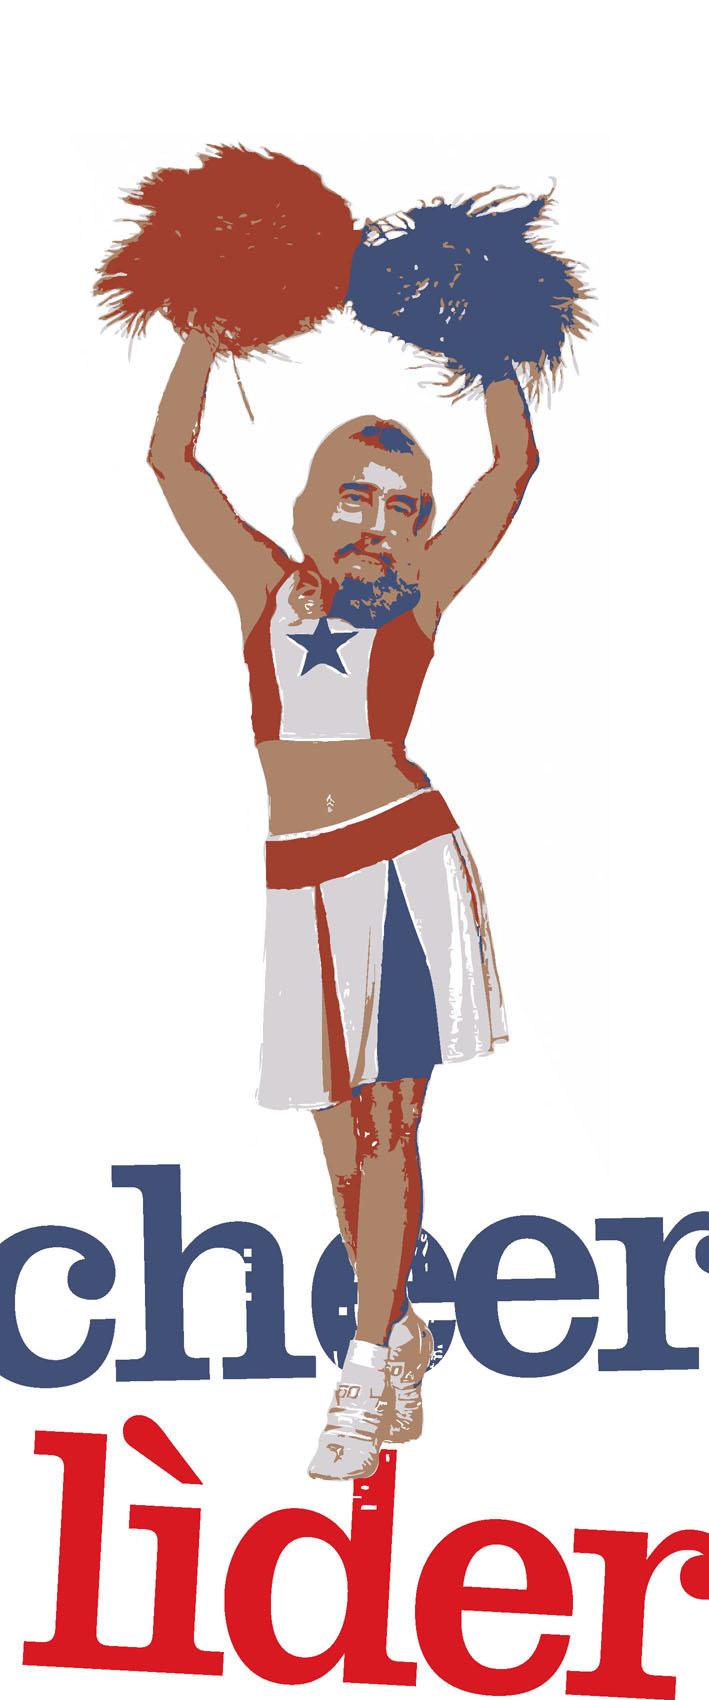 cheerlider